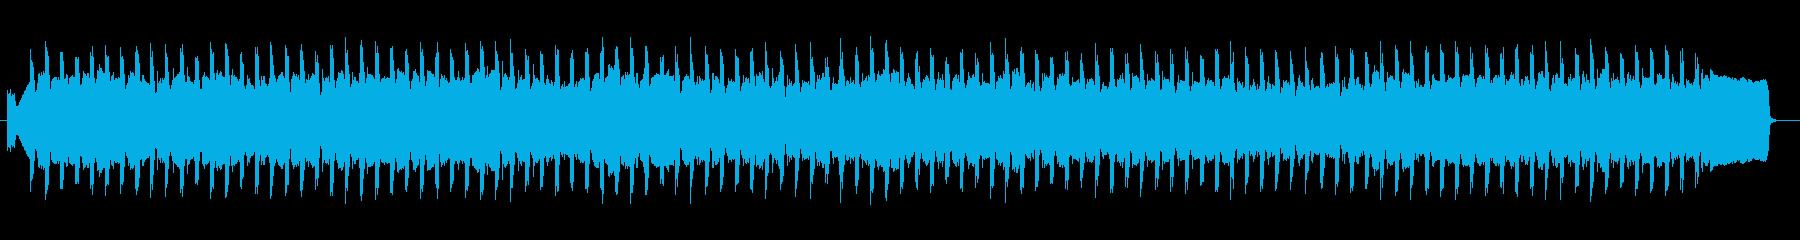 穏やかなコーポレート 60秒版の再生済みの波形